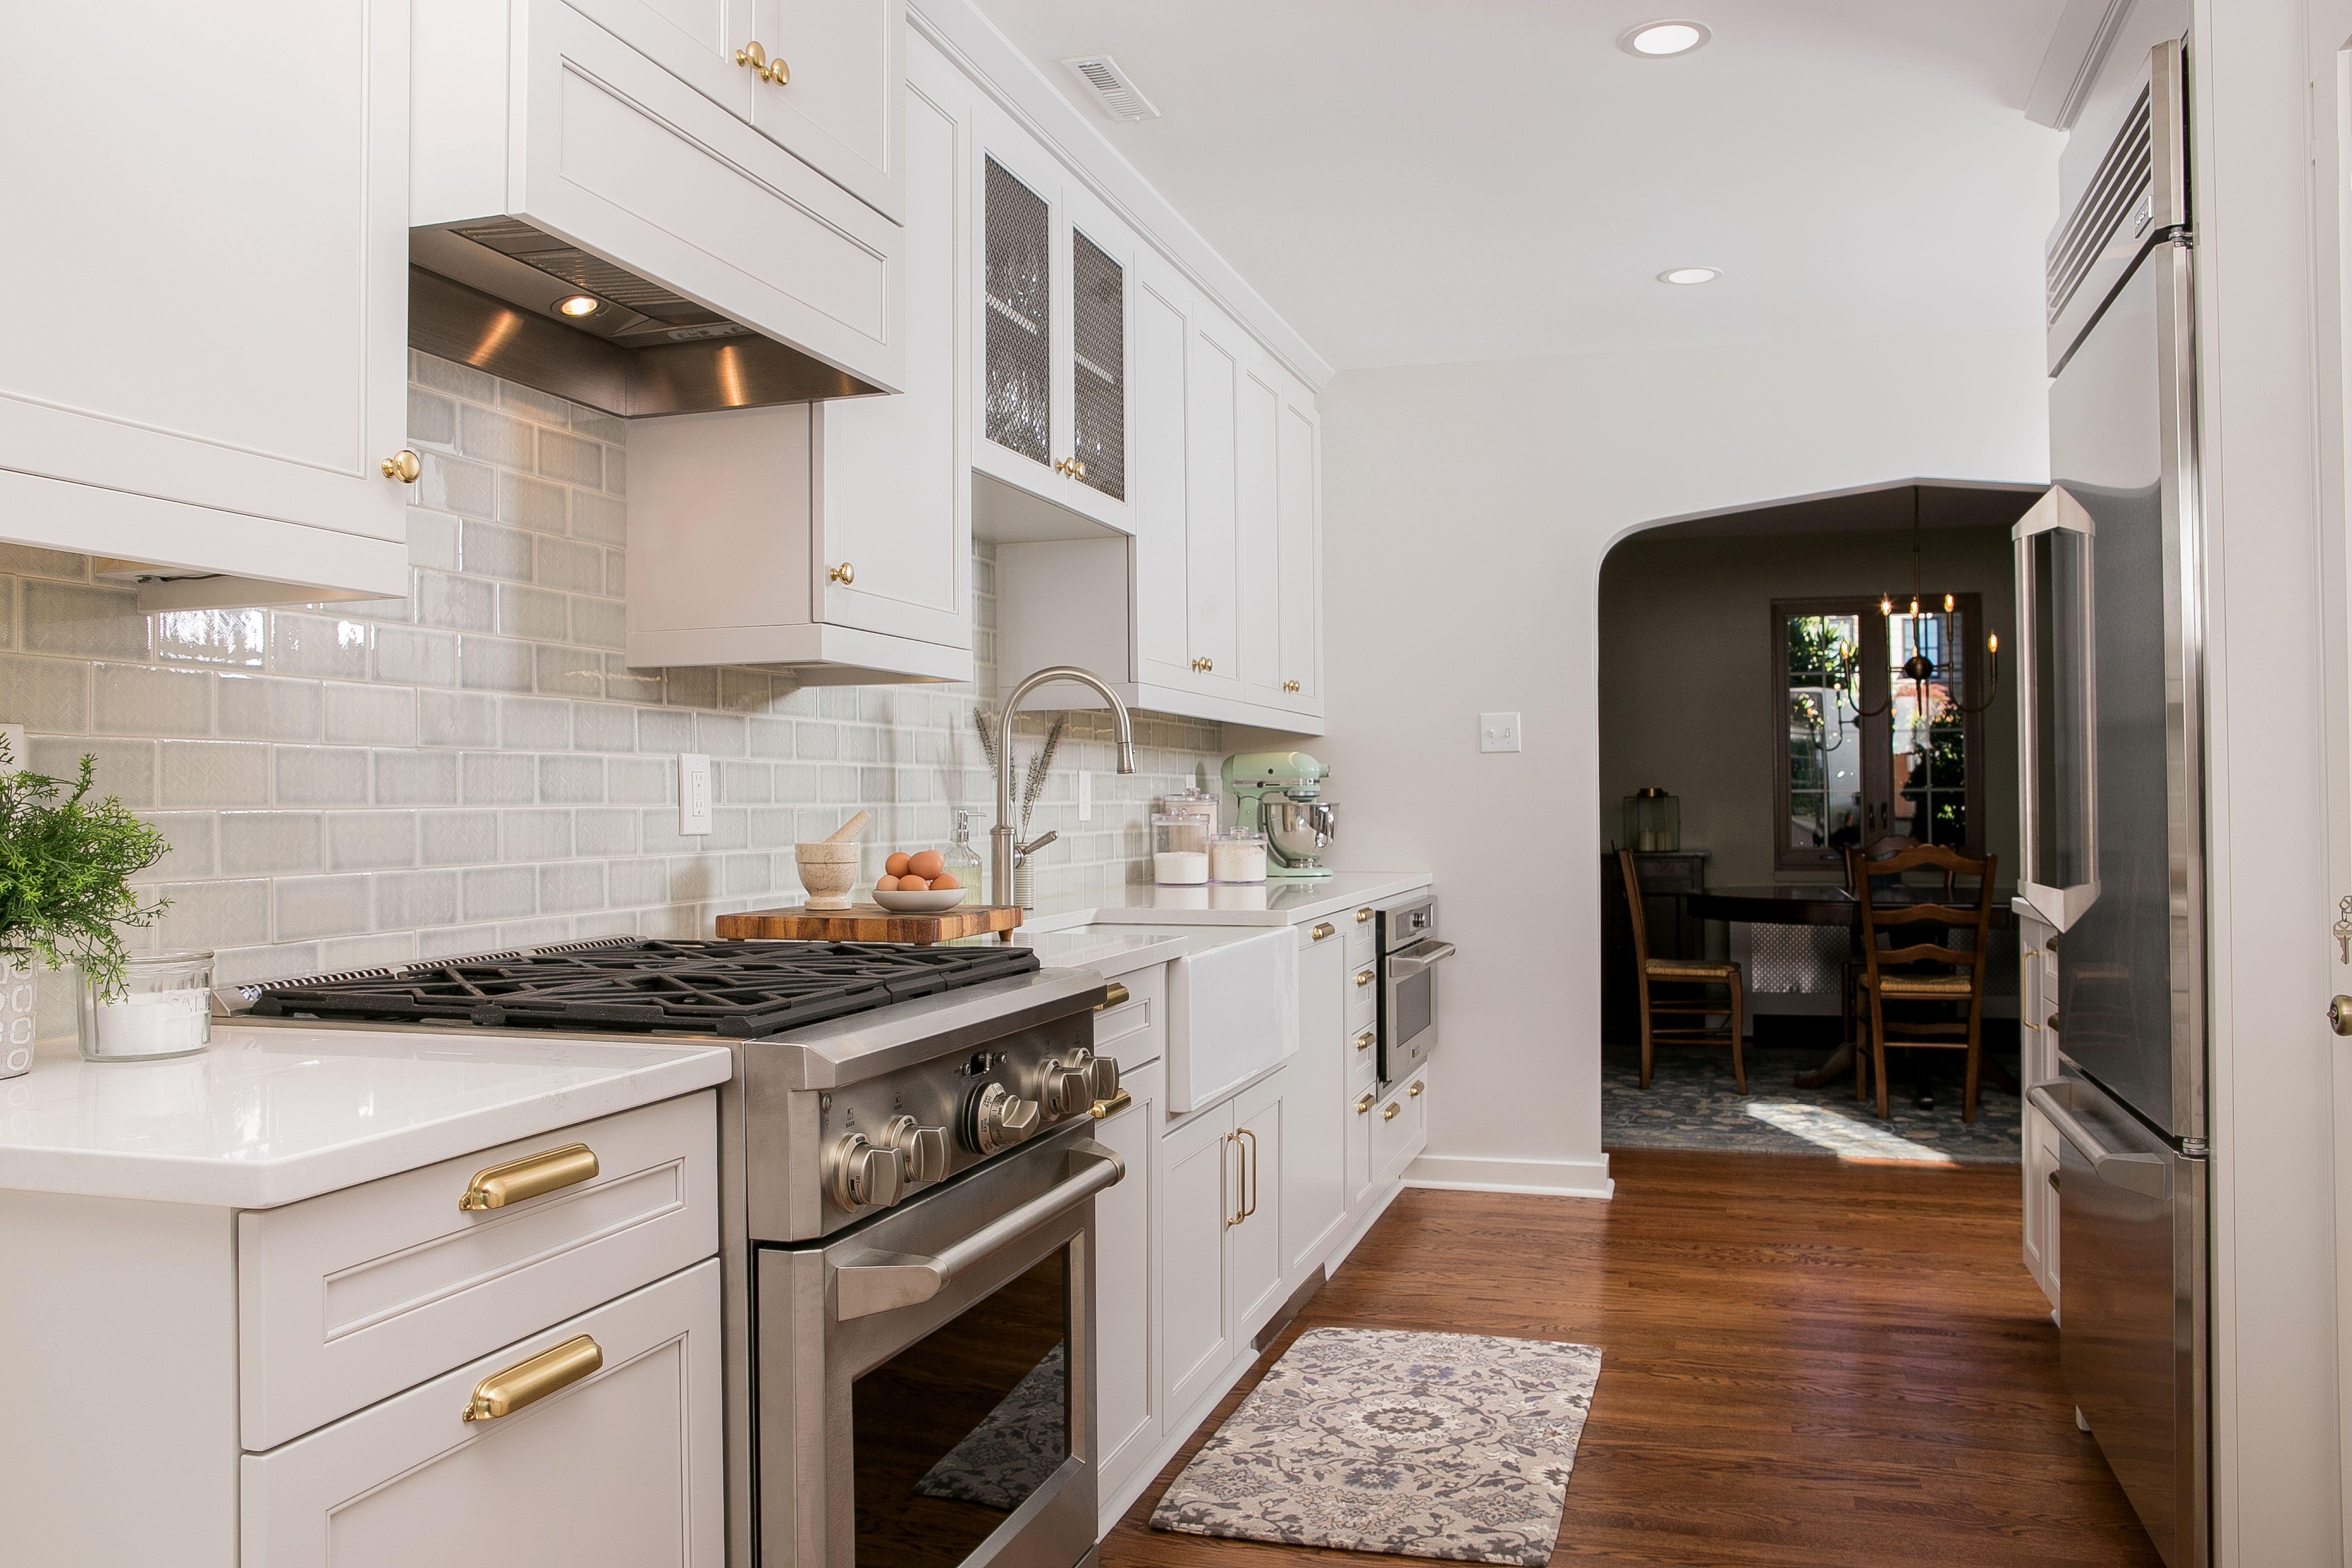 Pin By Shelton Design Build On Kitchens Building Design Kitchen Remodel Design